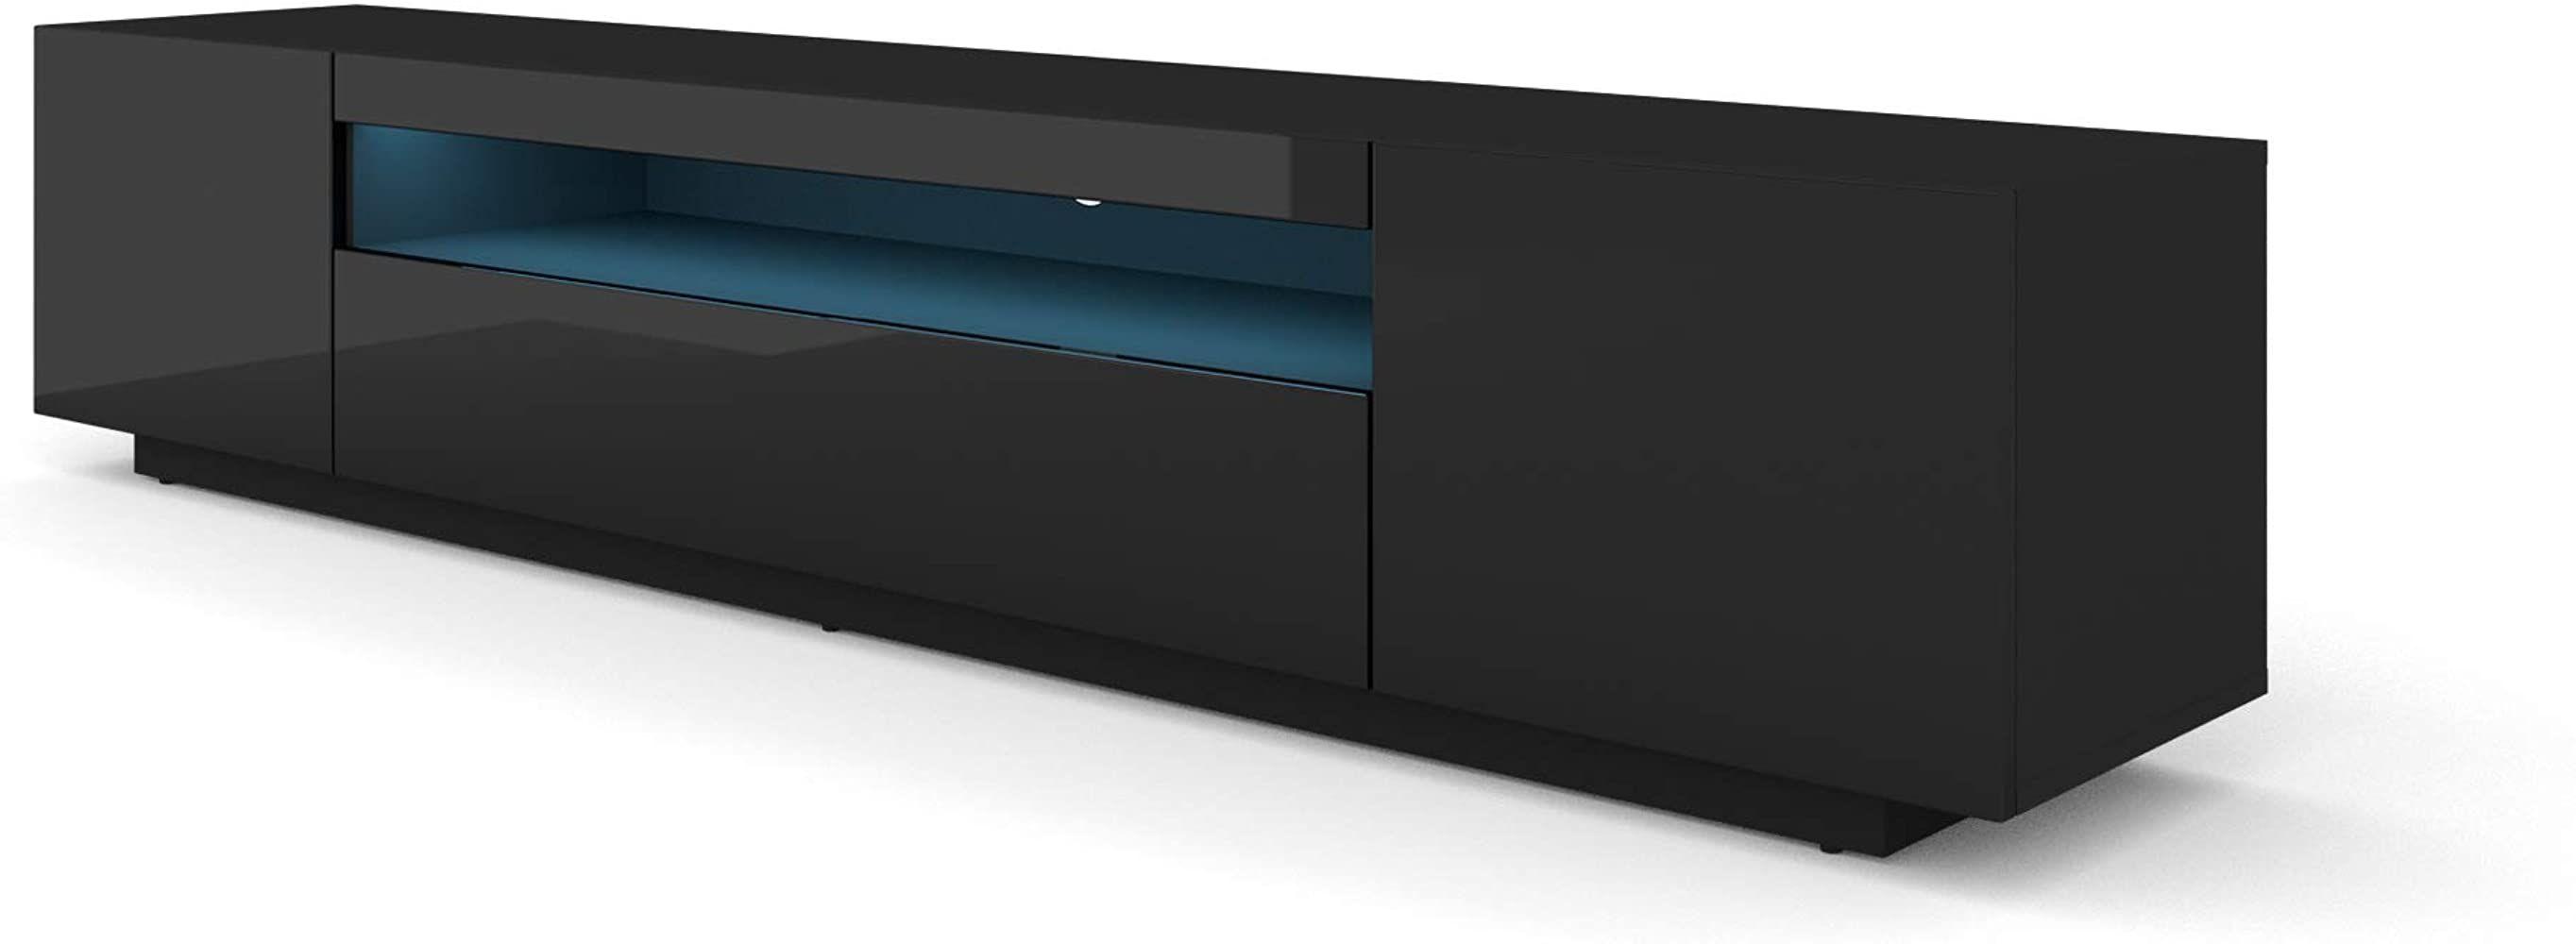 Bim Furniture Lowboard 200 Cm Tv Schrank Solo Unterschrank Mit Led